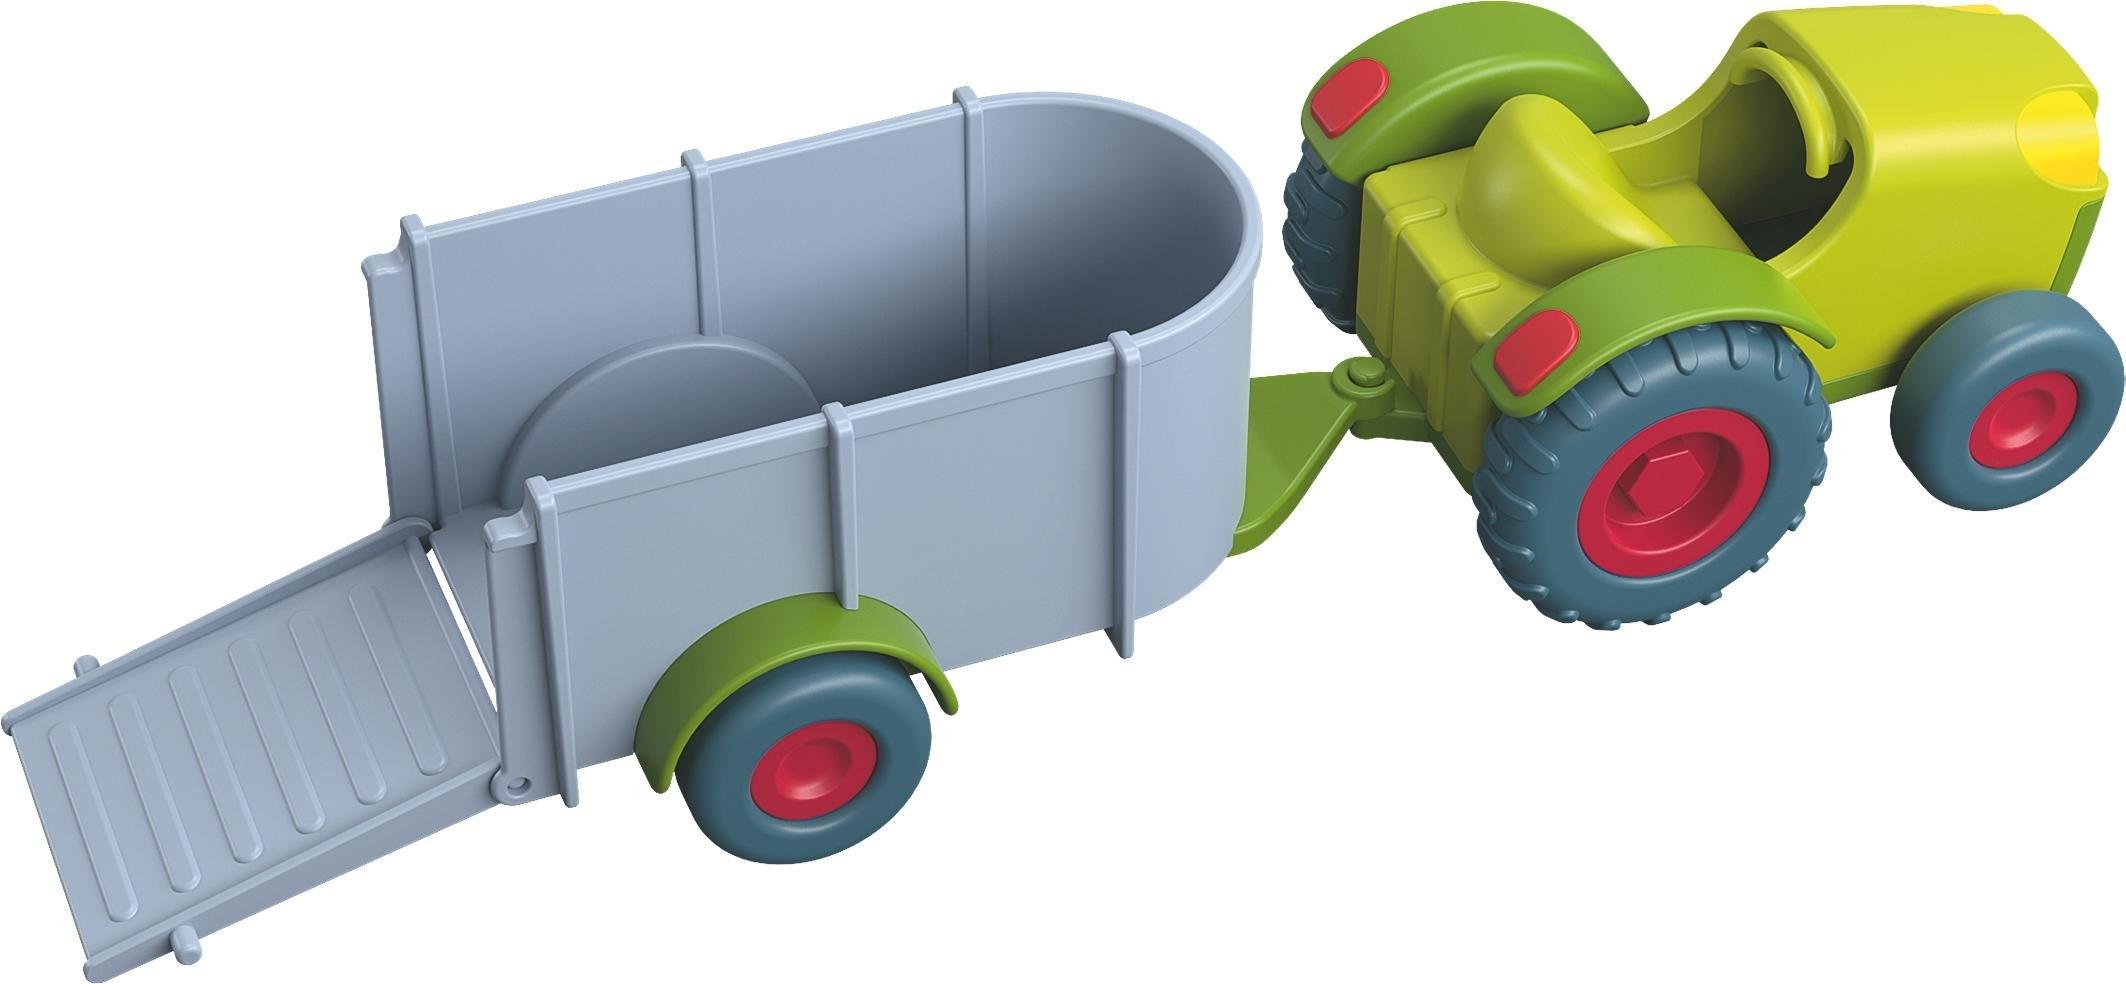 Haba speelgoedauto, »Little Friends - tractor met aanhanger« voordelig en veilig online kopen